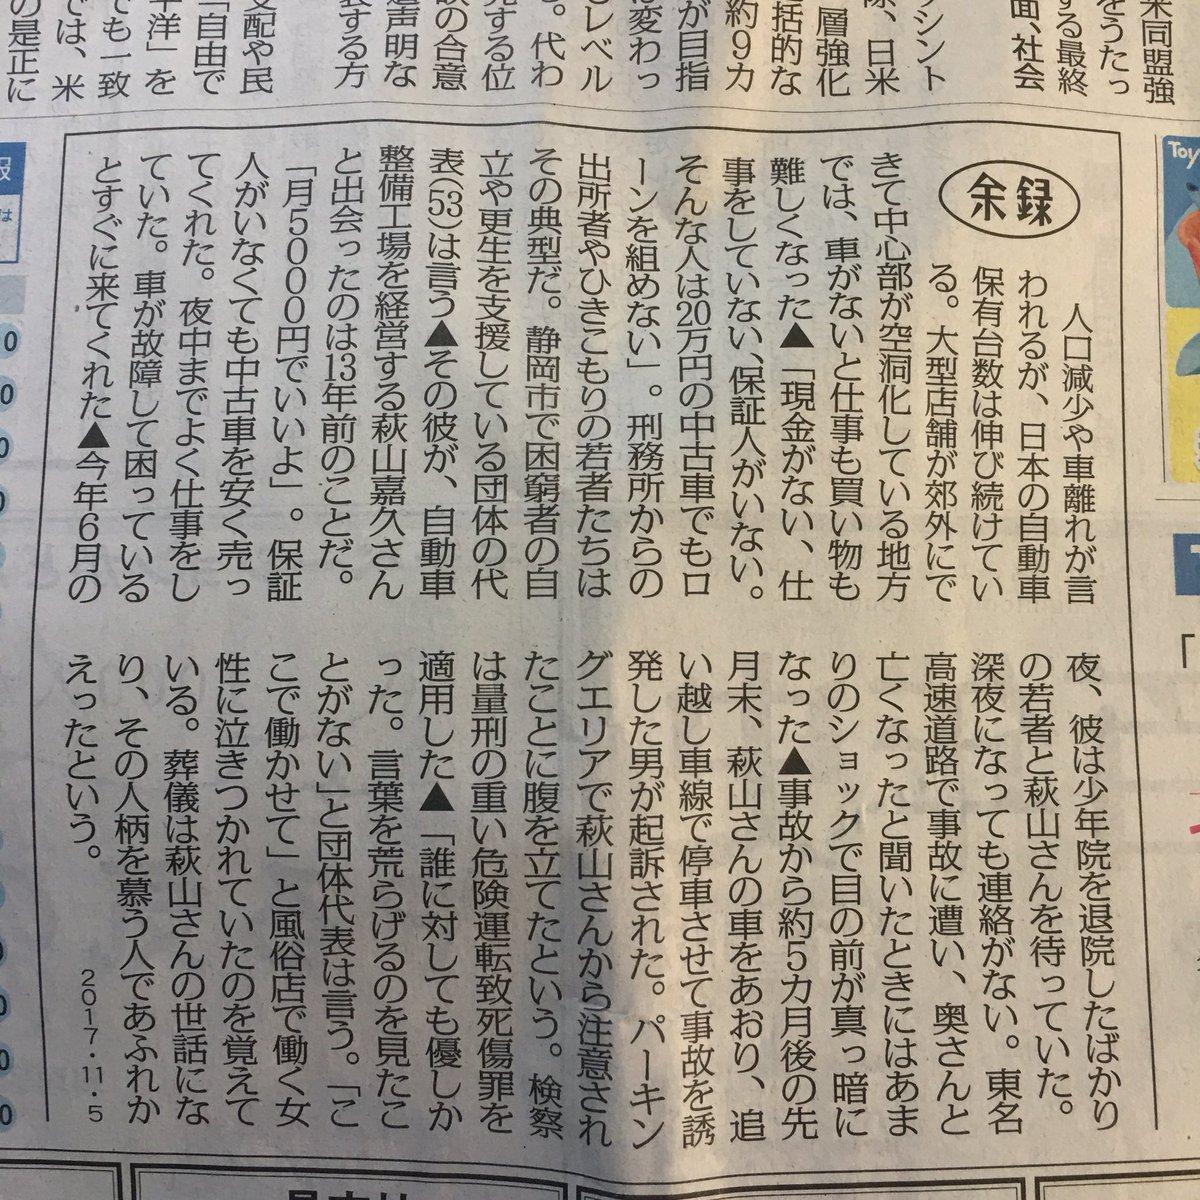 新宿駅東口ベルクわず!この間の煽り運転で亡くなったご夫婦、こんな方達だったんだ…合掌